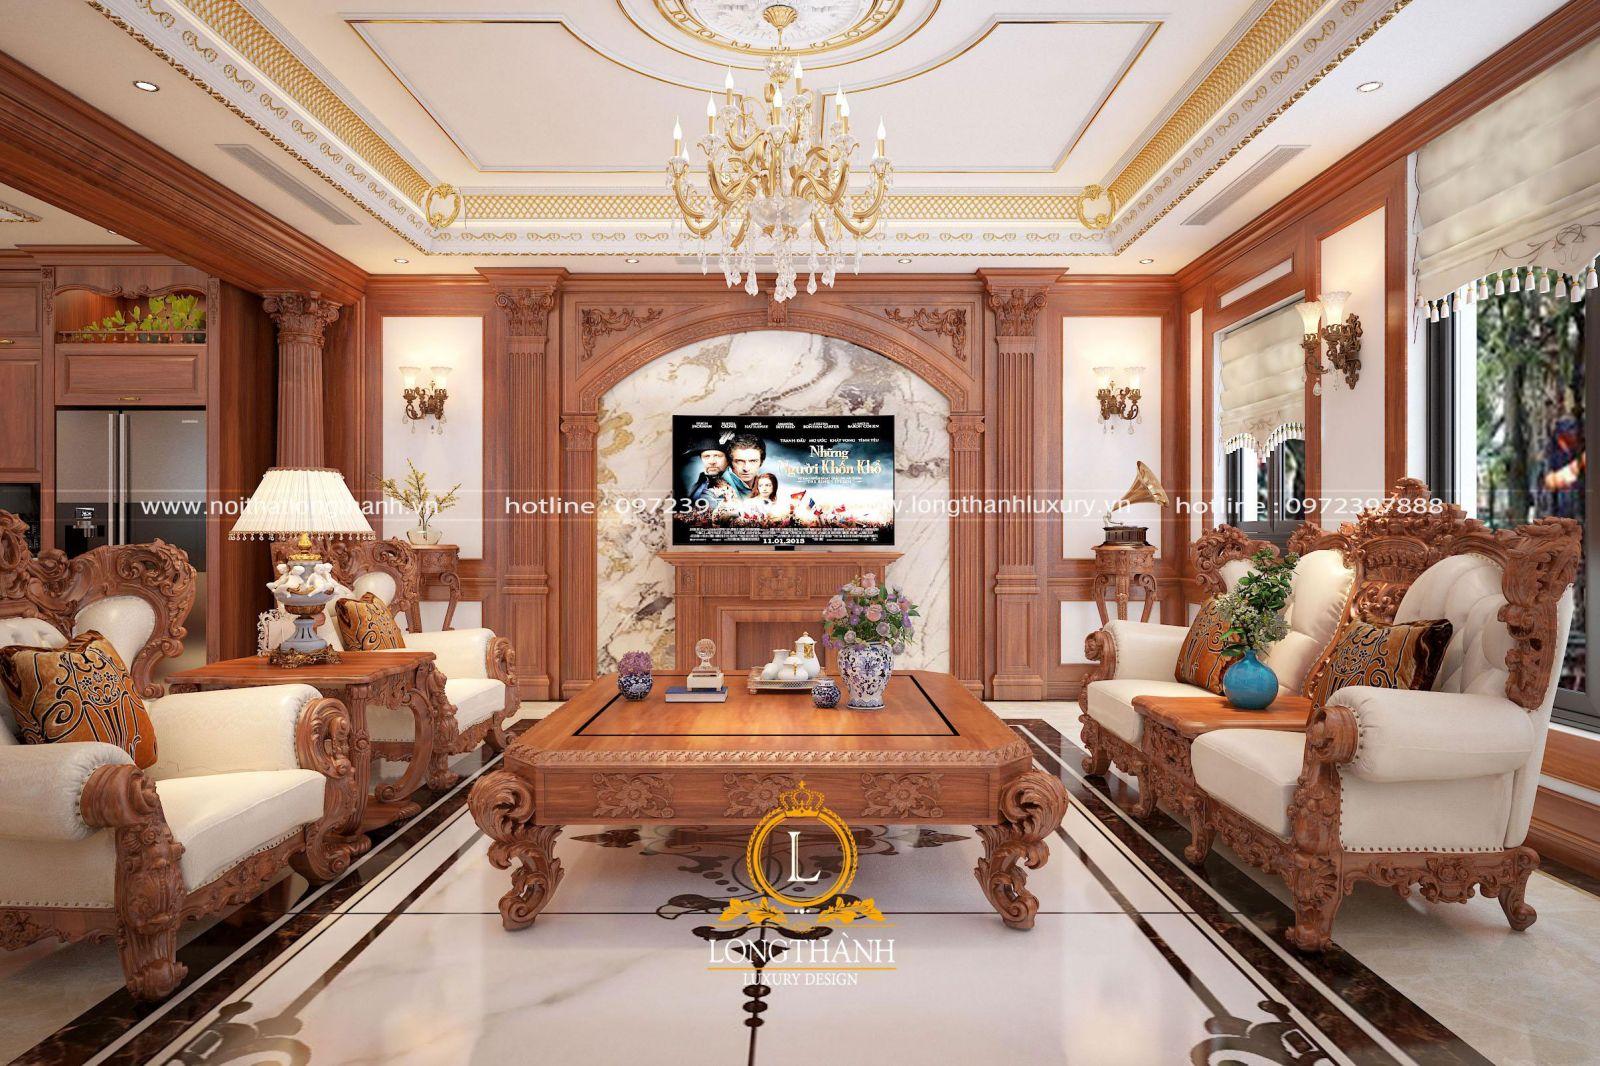 Thiết kế nội thất nhà phố ấn tượng và đẳng cấp